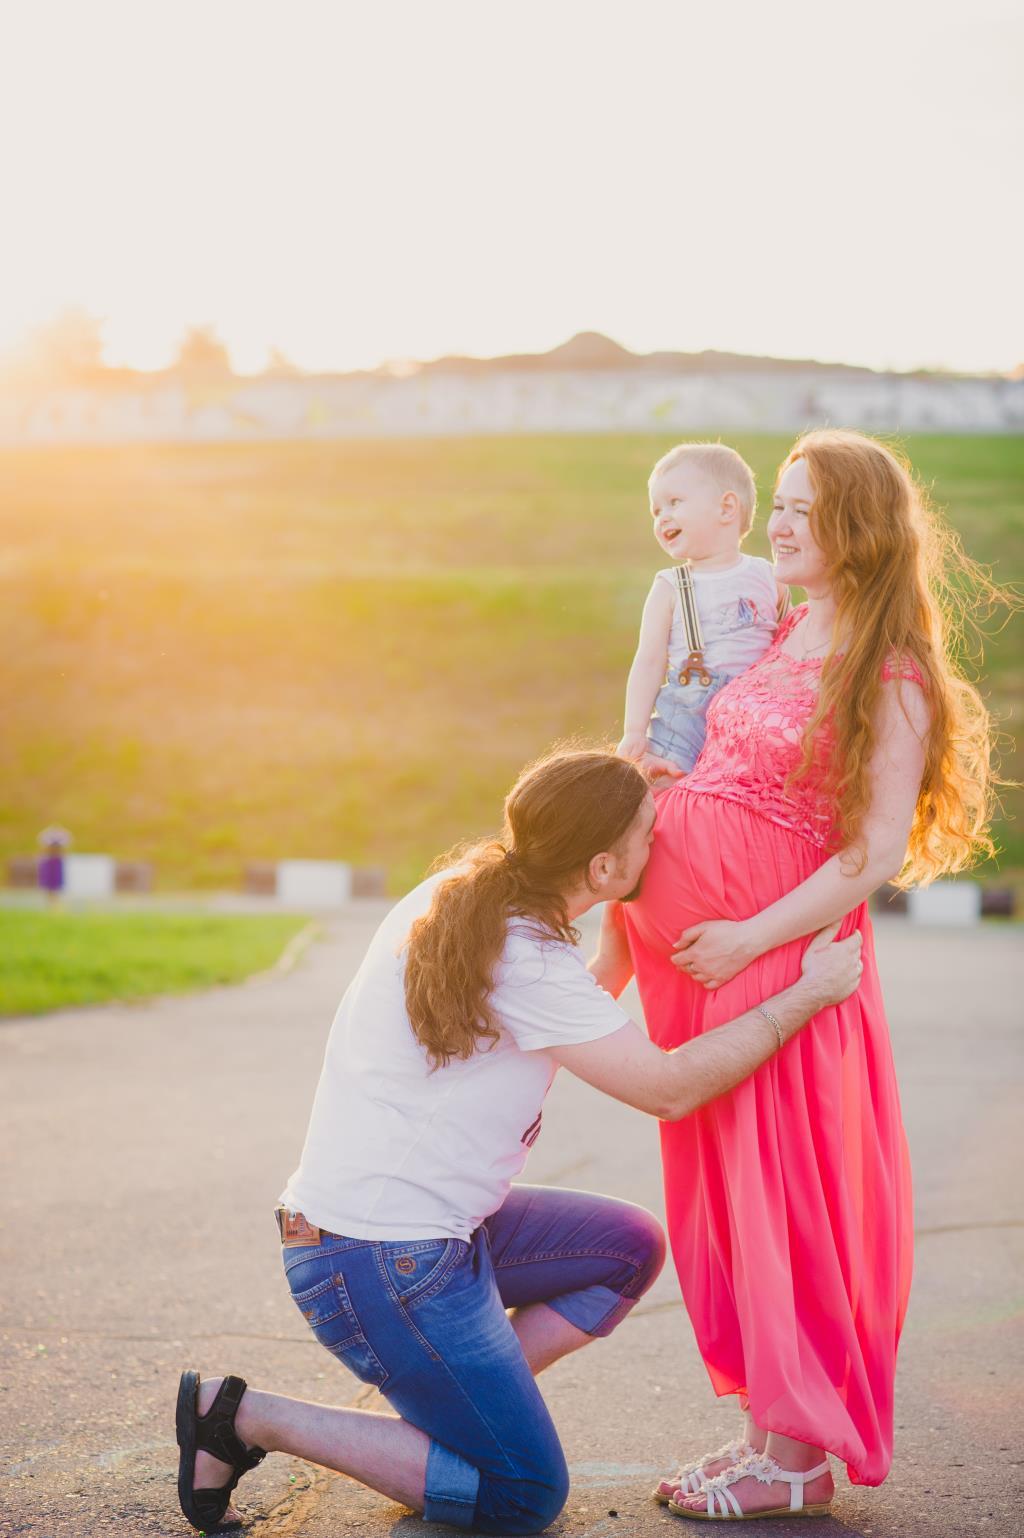 Семейное летнее счастье!. Совершенно летние!